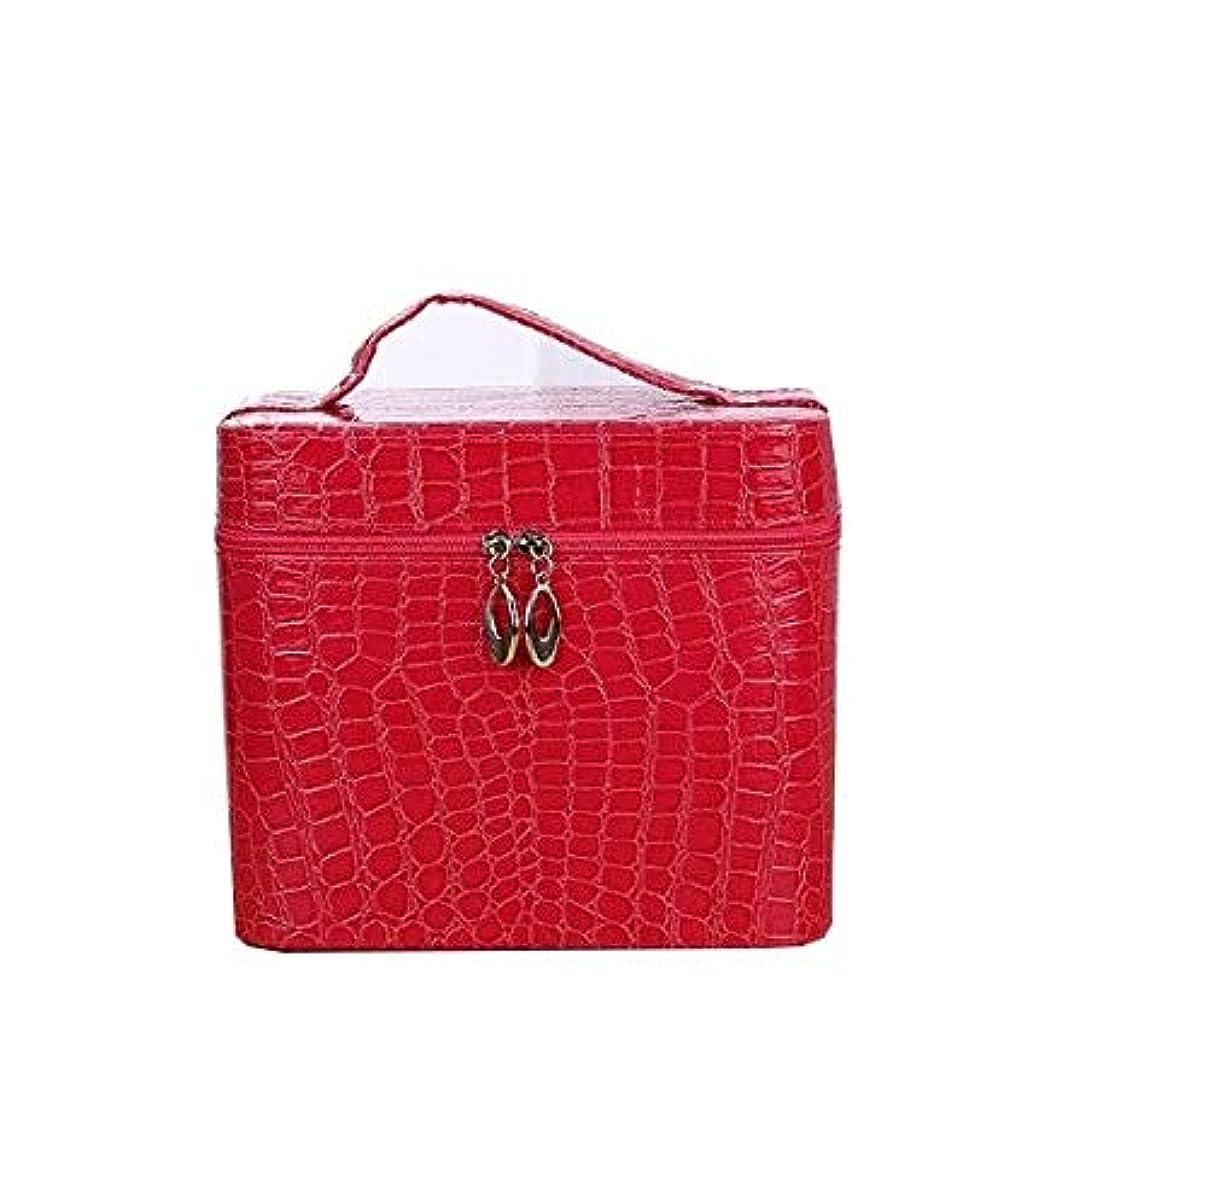 ビヨン腹雲化粧箱、赤、黒ワニ革ポータブル化粧品バッグ、ポータブルポータブル旅行化粧品ケース、美容ネイルジュエリー収納ボックス (Color : Red)